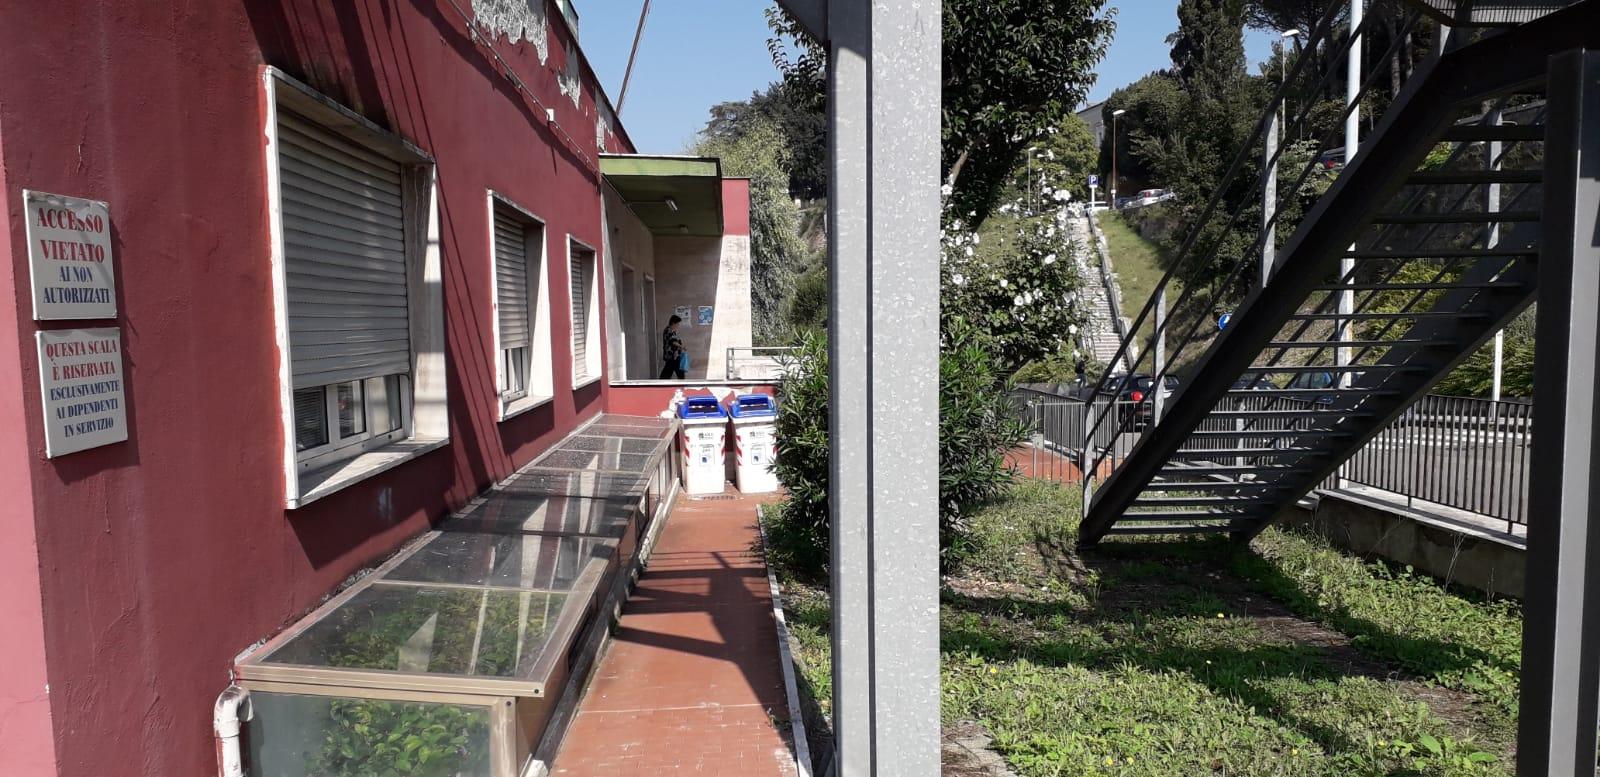 Benevento  Aggressione dottoressa Serd, Asl apre indagine interna